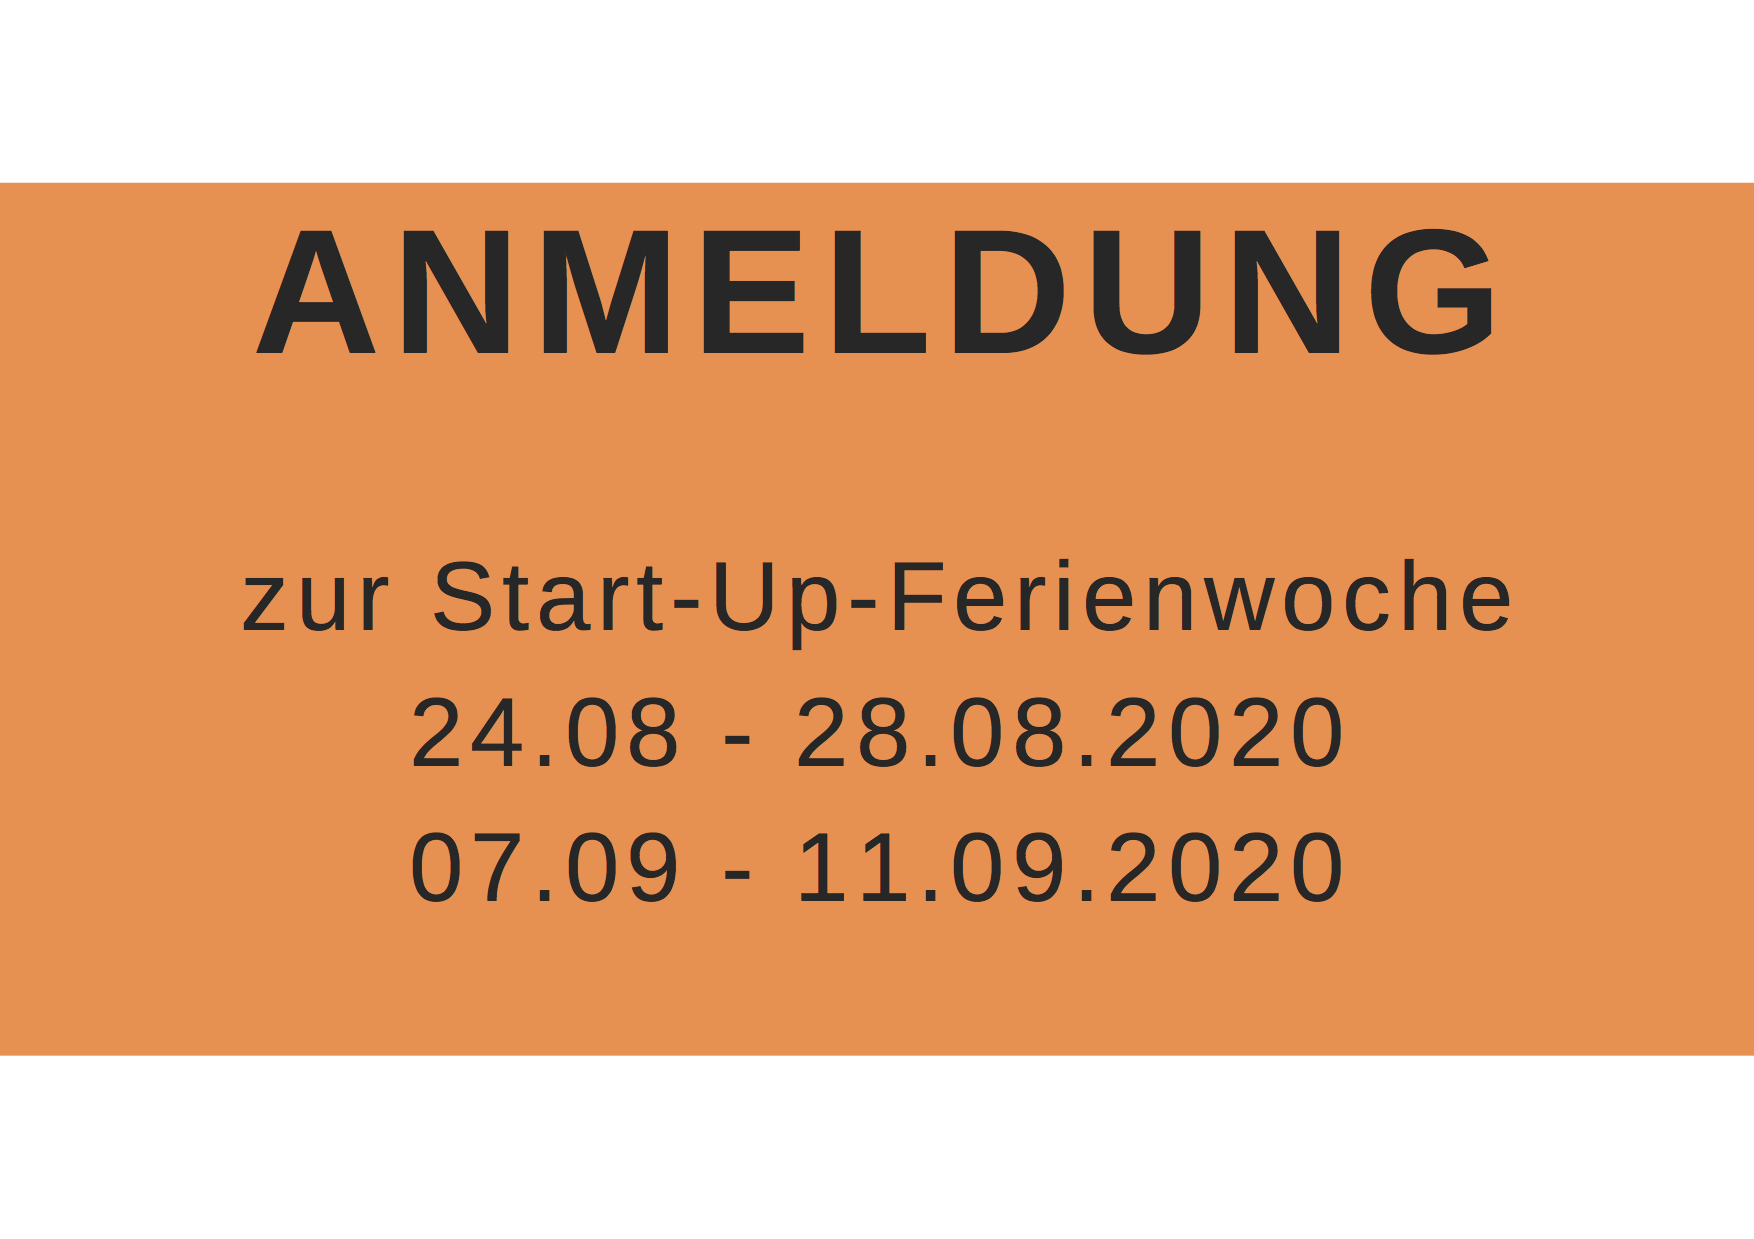 Anmeldung Start-up-Ferienwochen 2020 in Stuttgart/Feuerbach